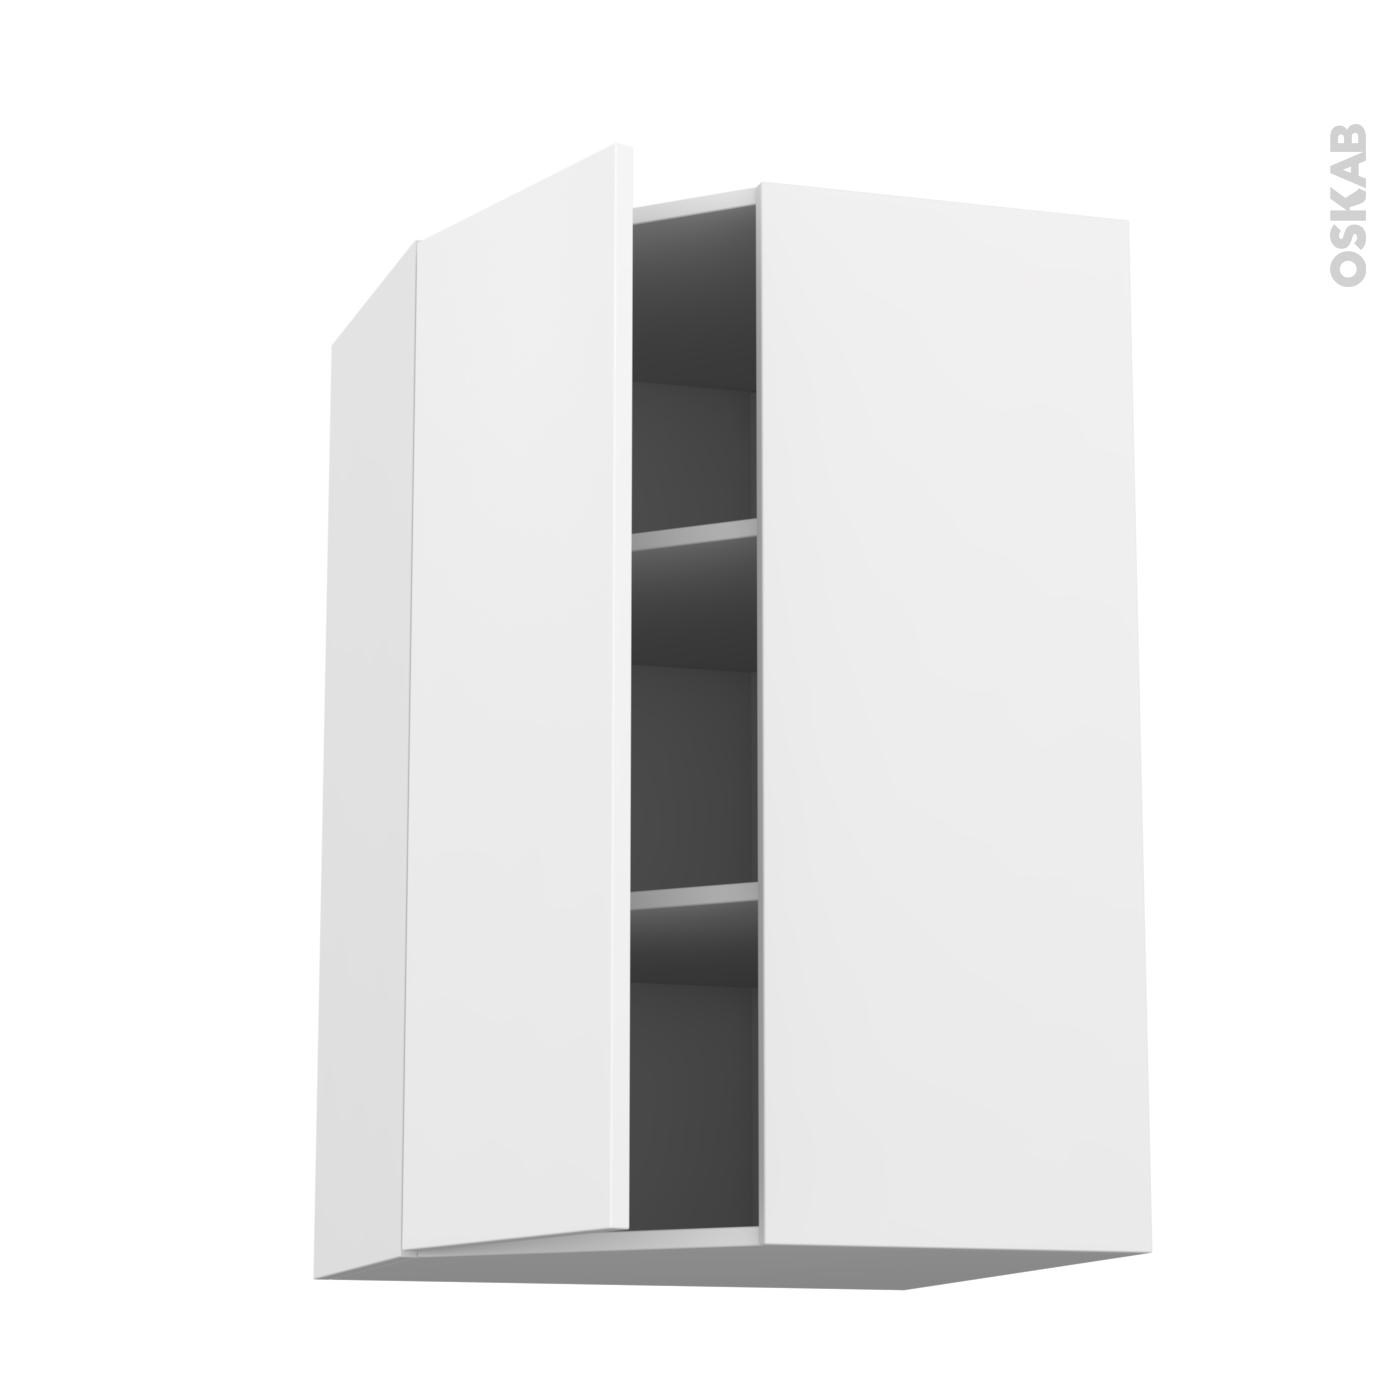 meuble de cuisine angle haut ginko blanc 1 porte n 23 l40 cm l65 x h92 x p37 cm